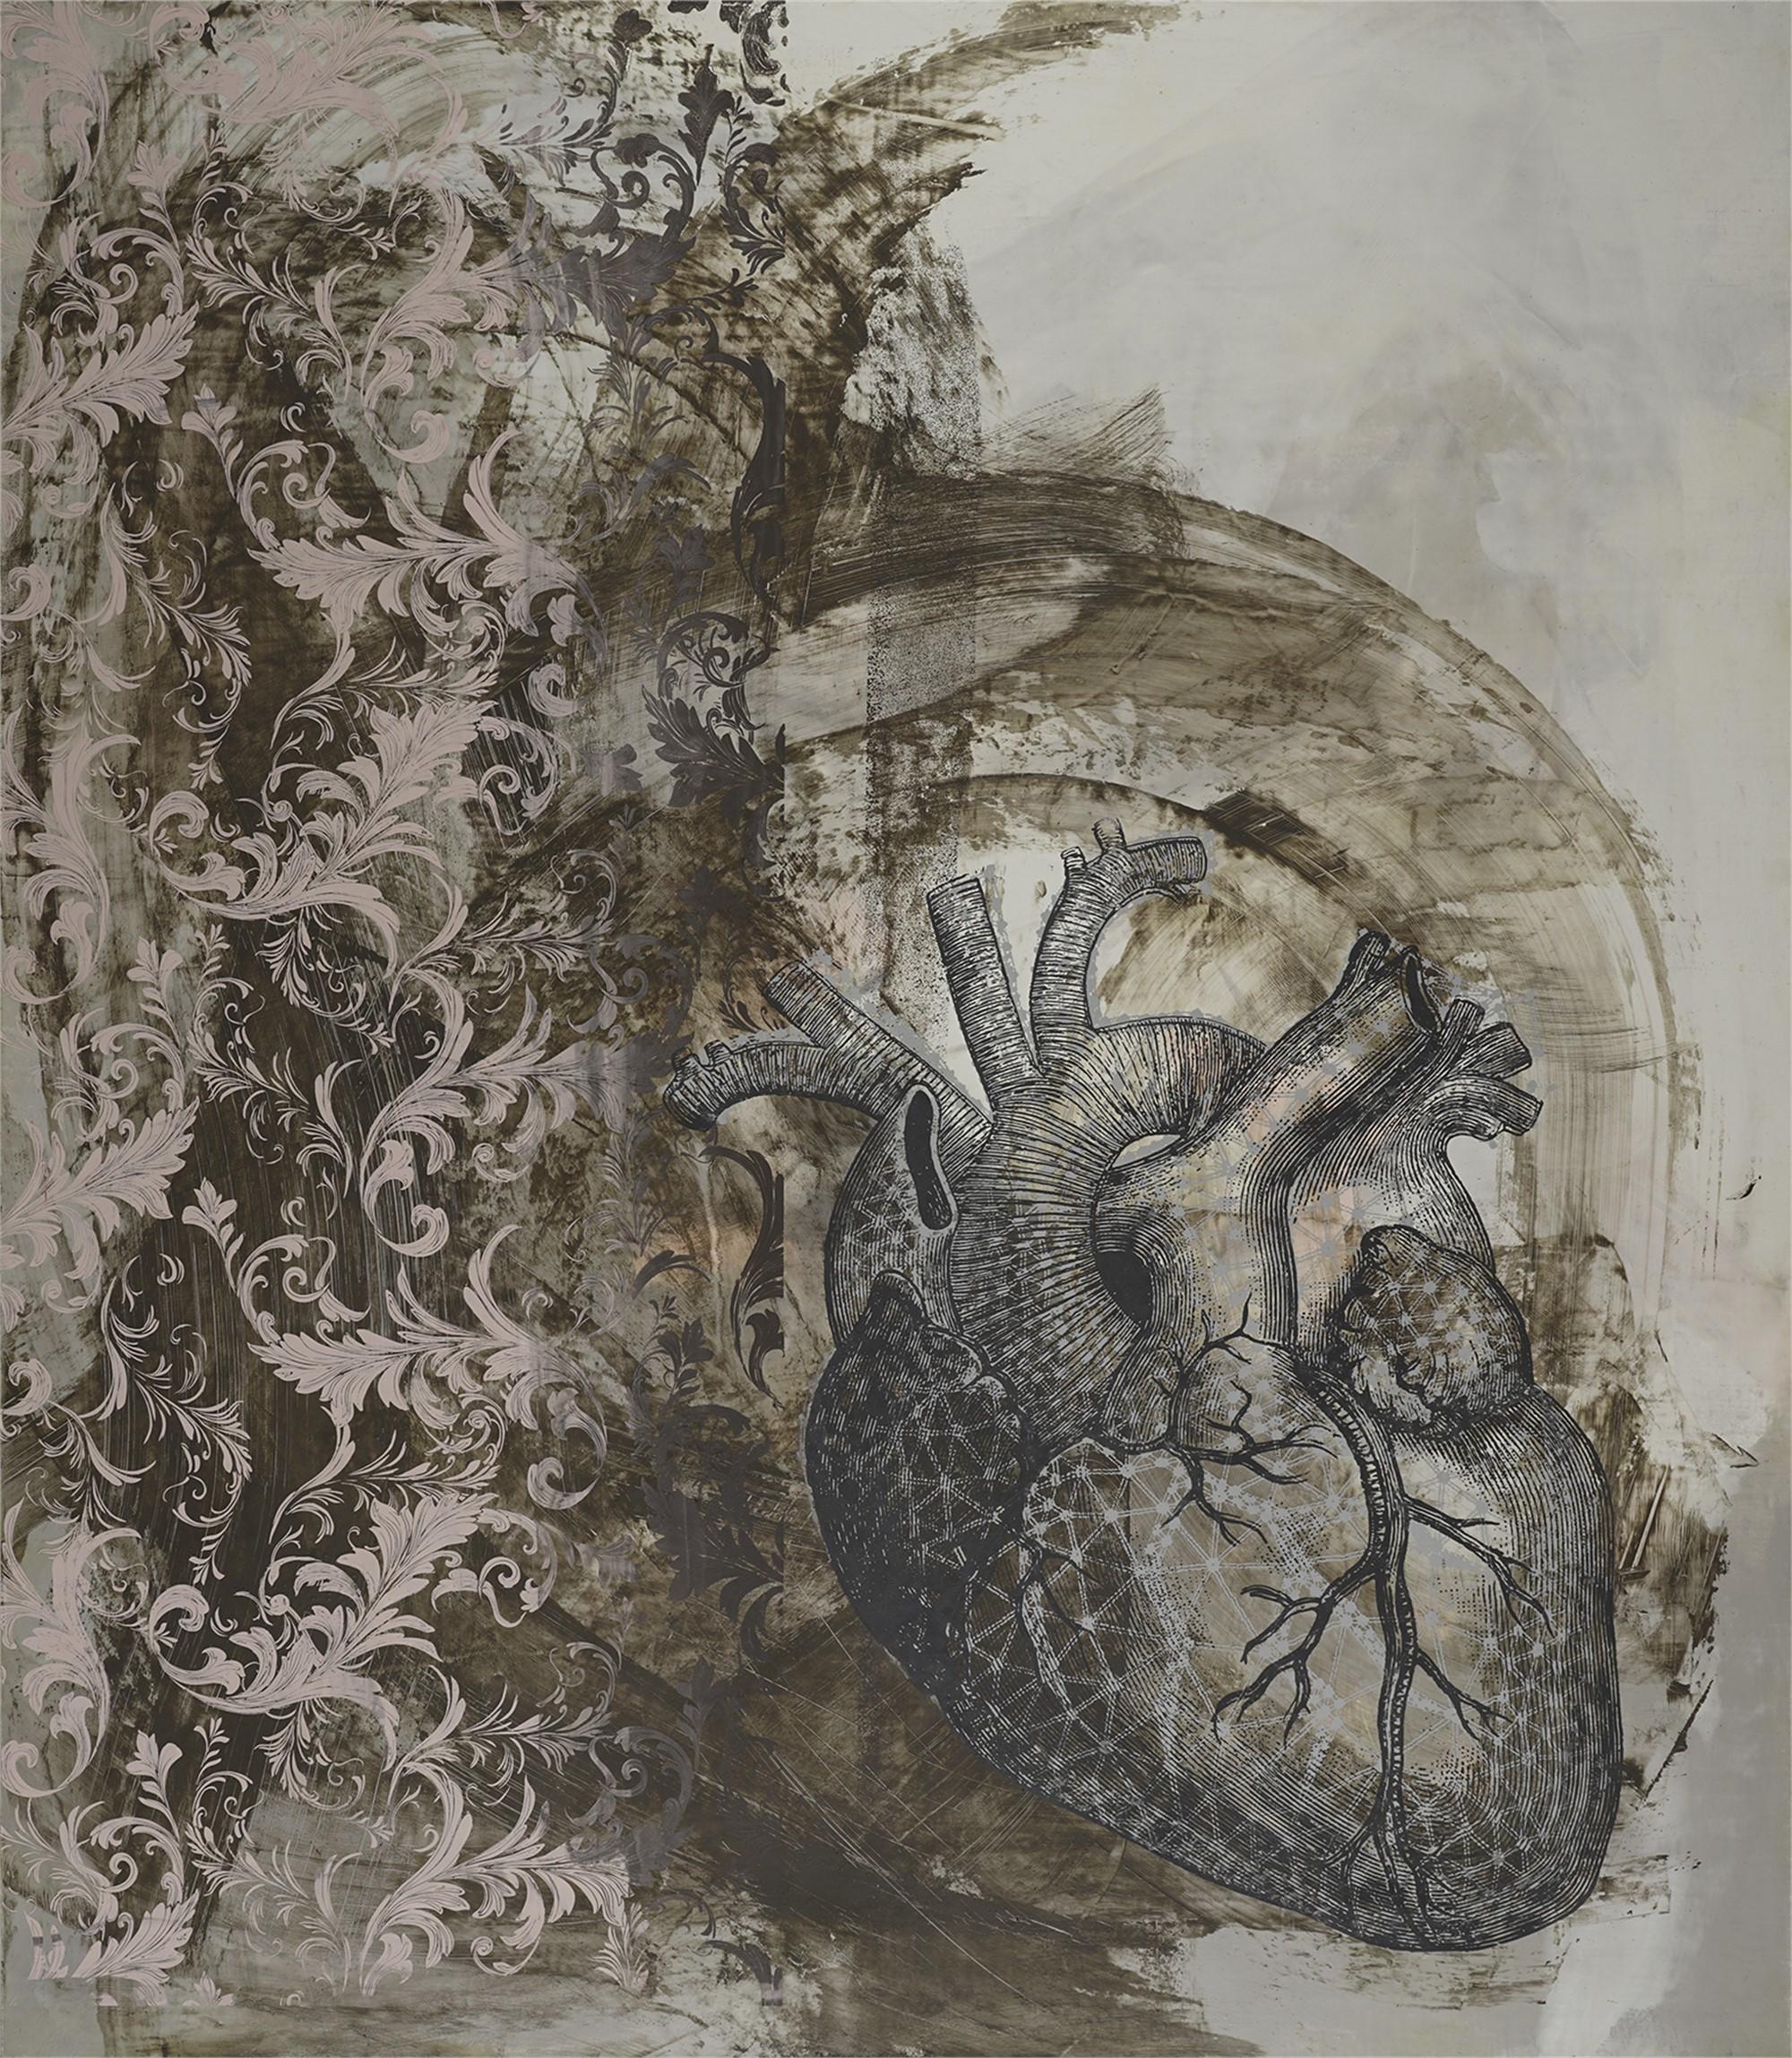 Fallen by Dorothea Van Camp